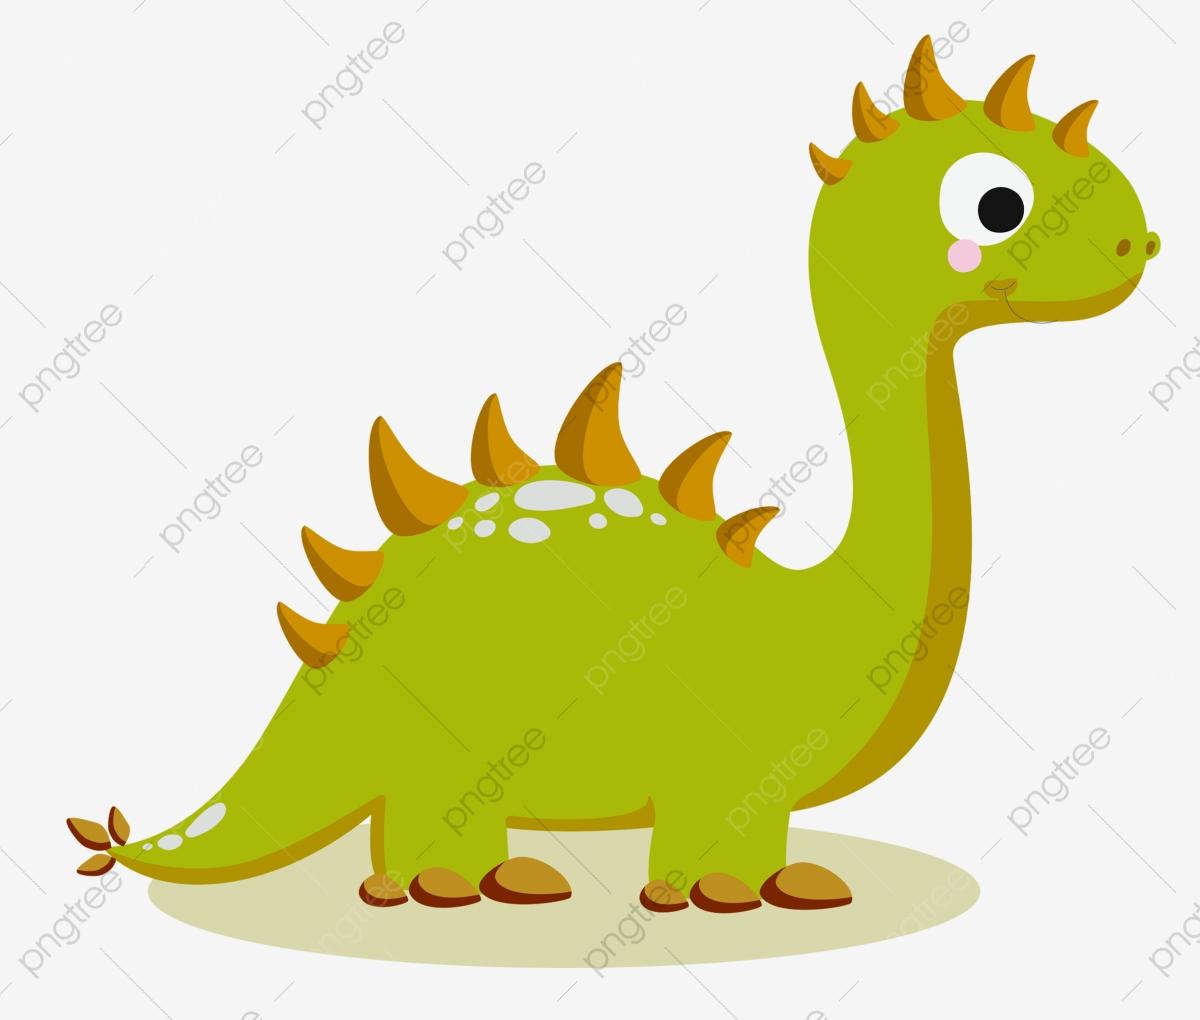 Ovos De Dinossauro, Jurassic, Desenho Dinossauro, Sempre Vivo.